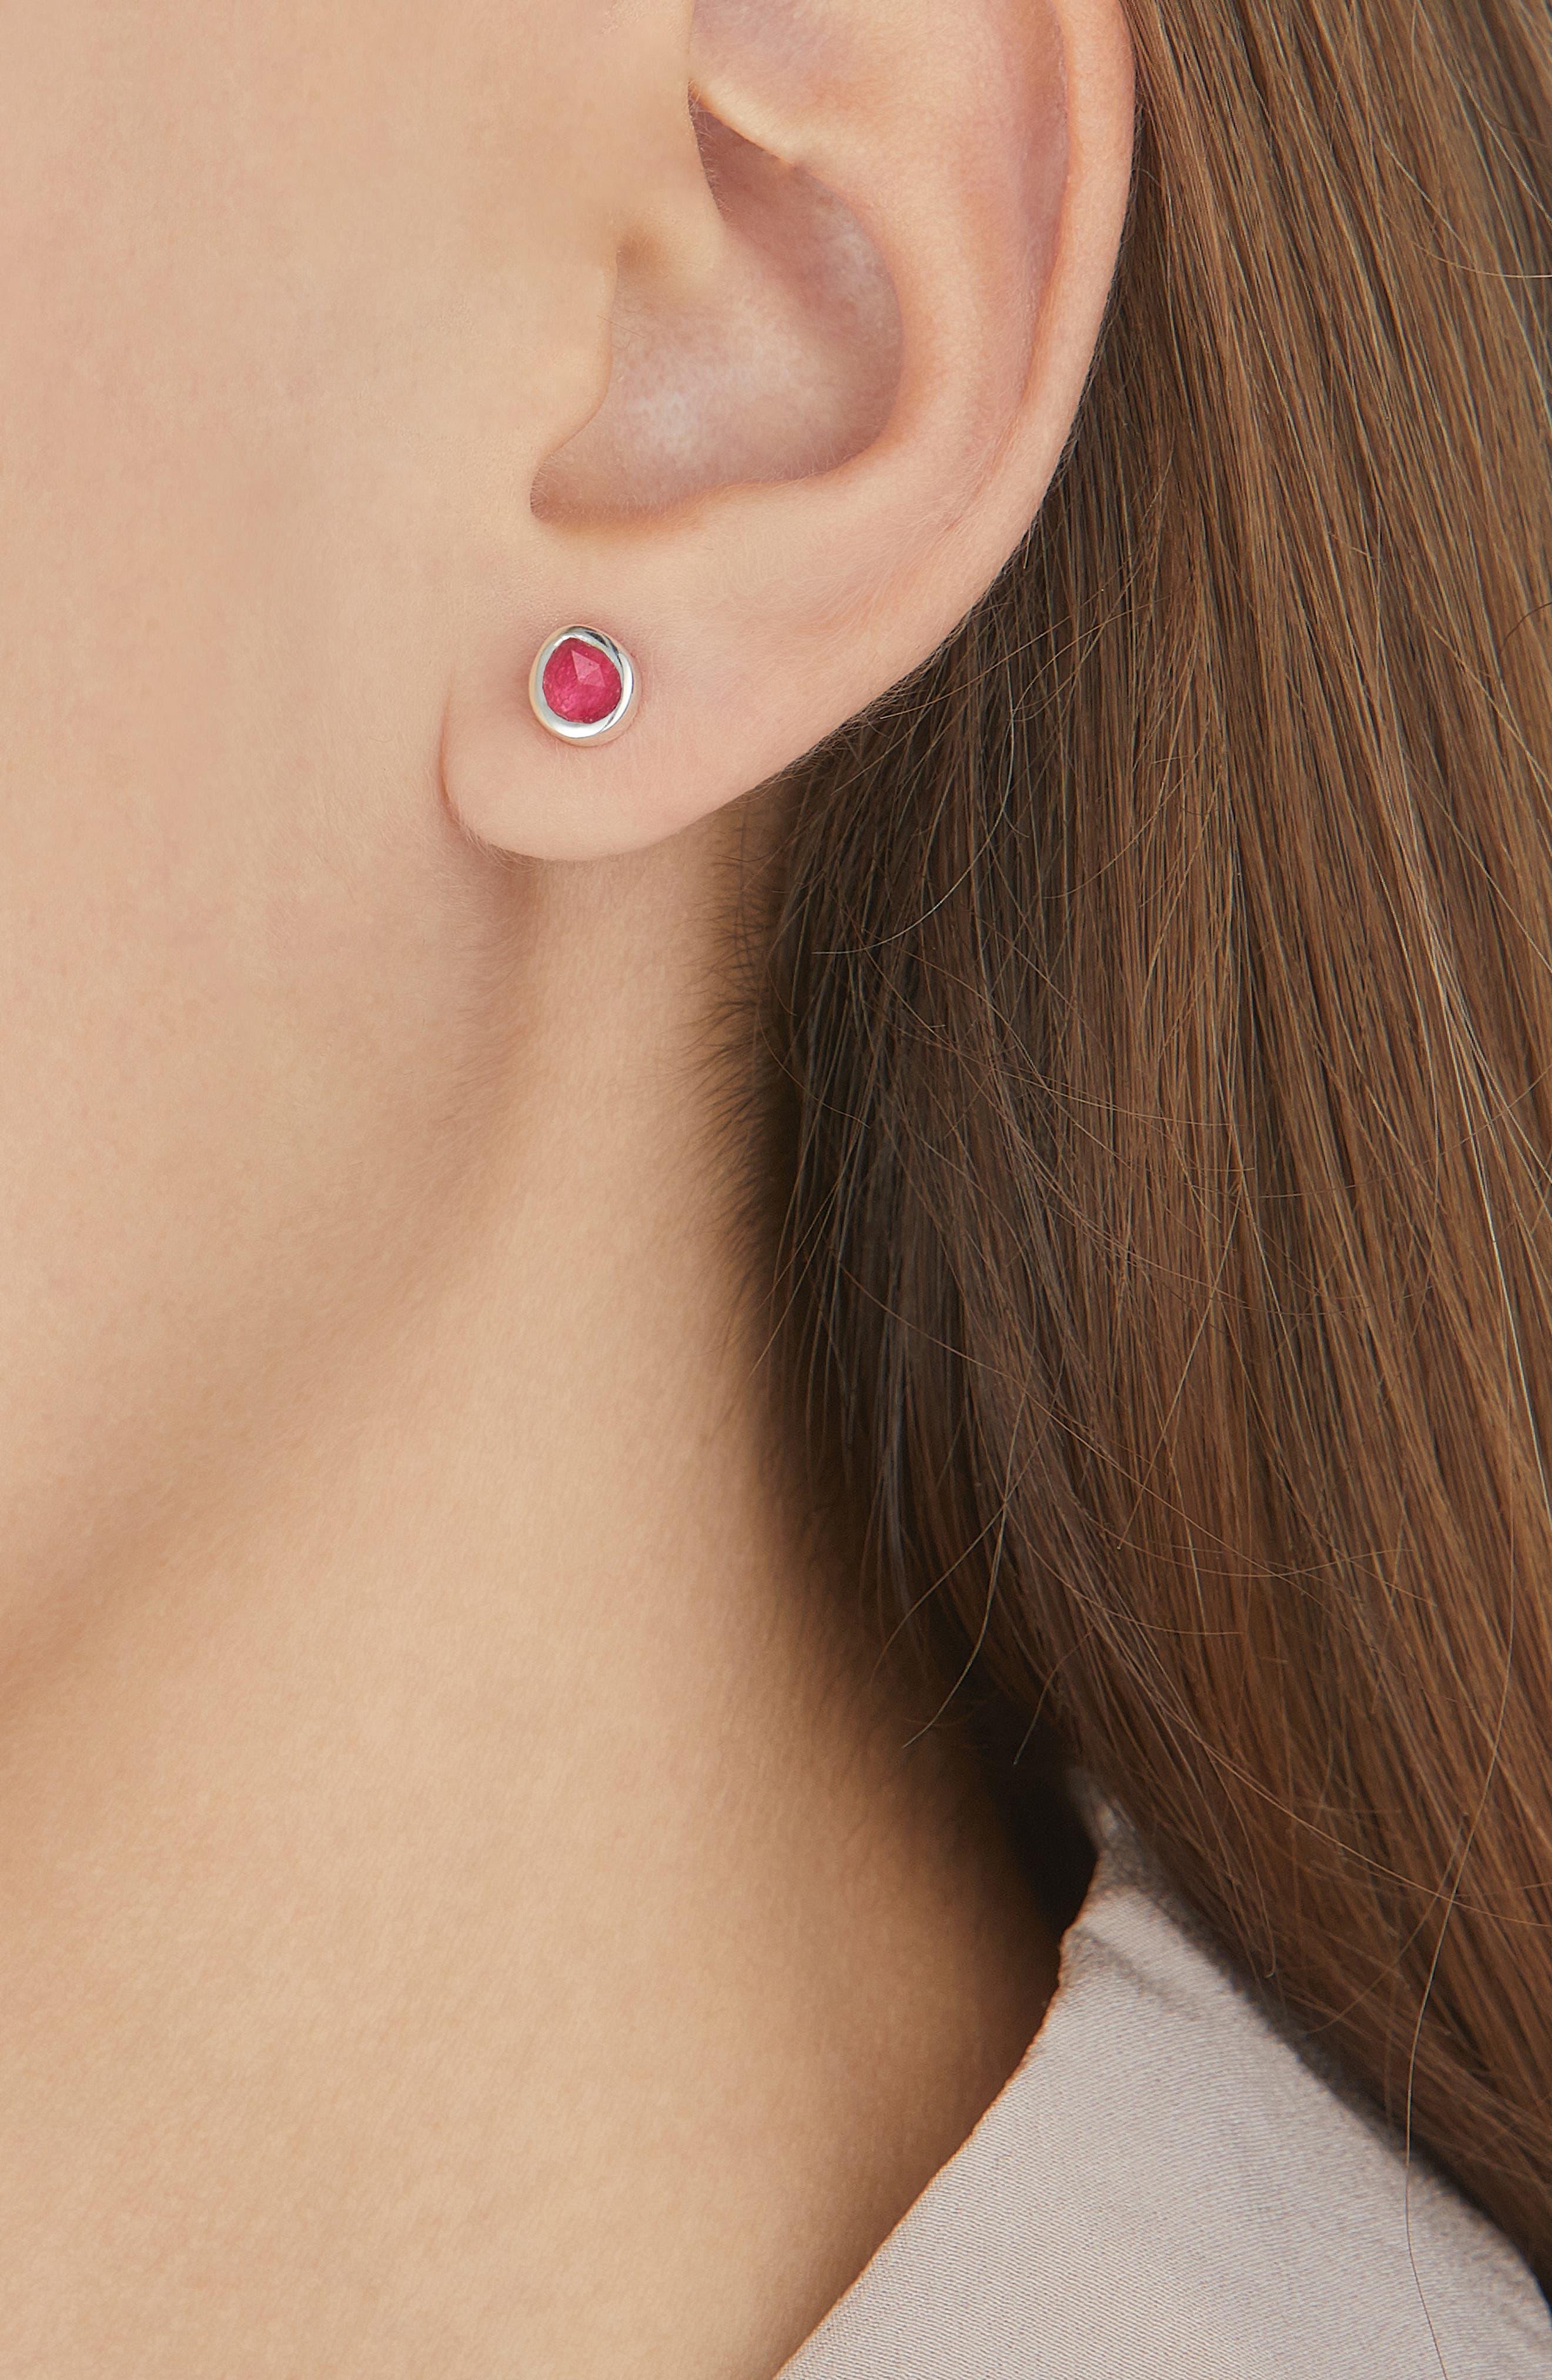 Siren Mini Stud Earrings,                             Alternate thumbnail 2, color,                             Silver/ Pink Quartz